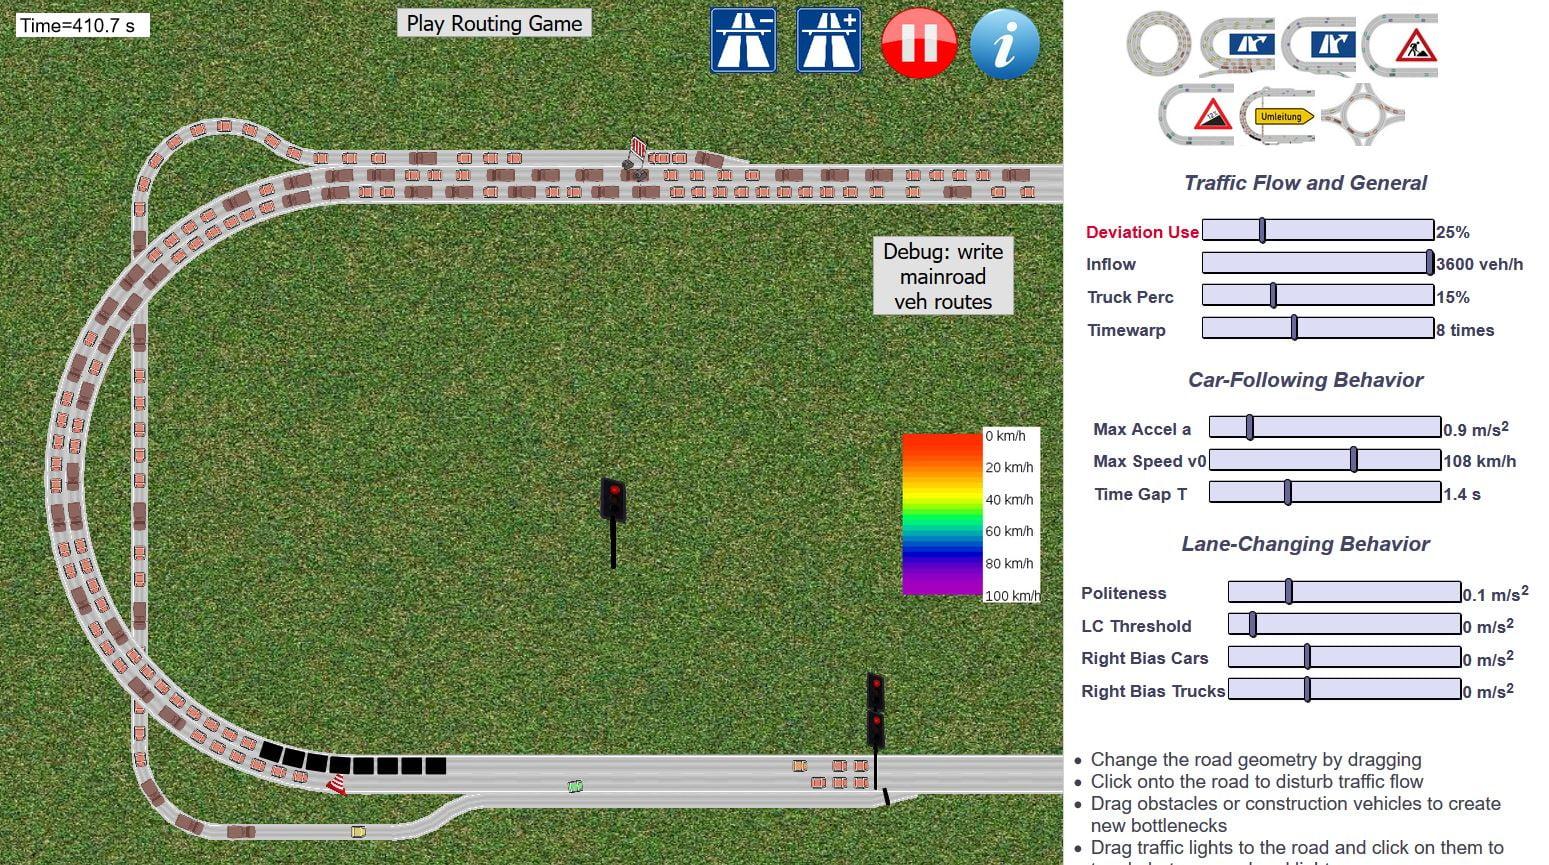 traffic-simulation-embouteillage-travaux-route Un simulateur de trafic routier dans votre navigateur